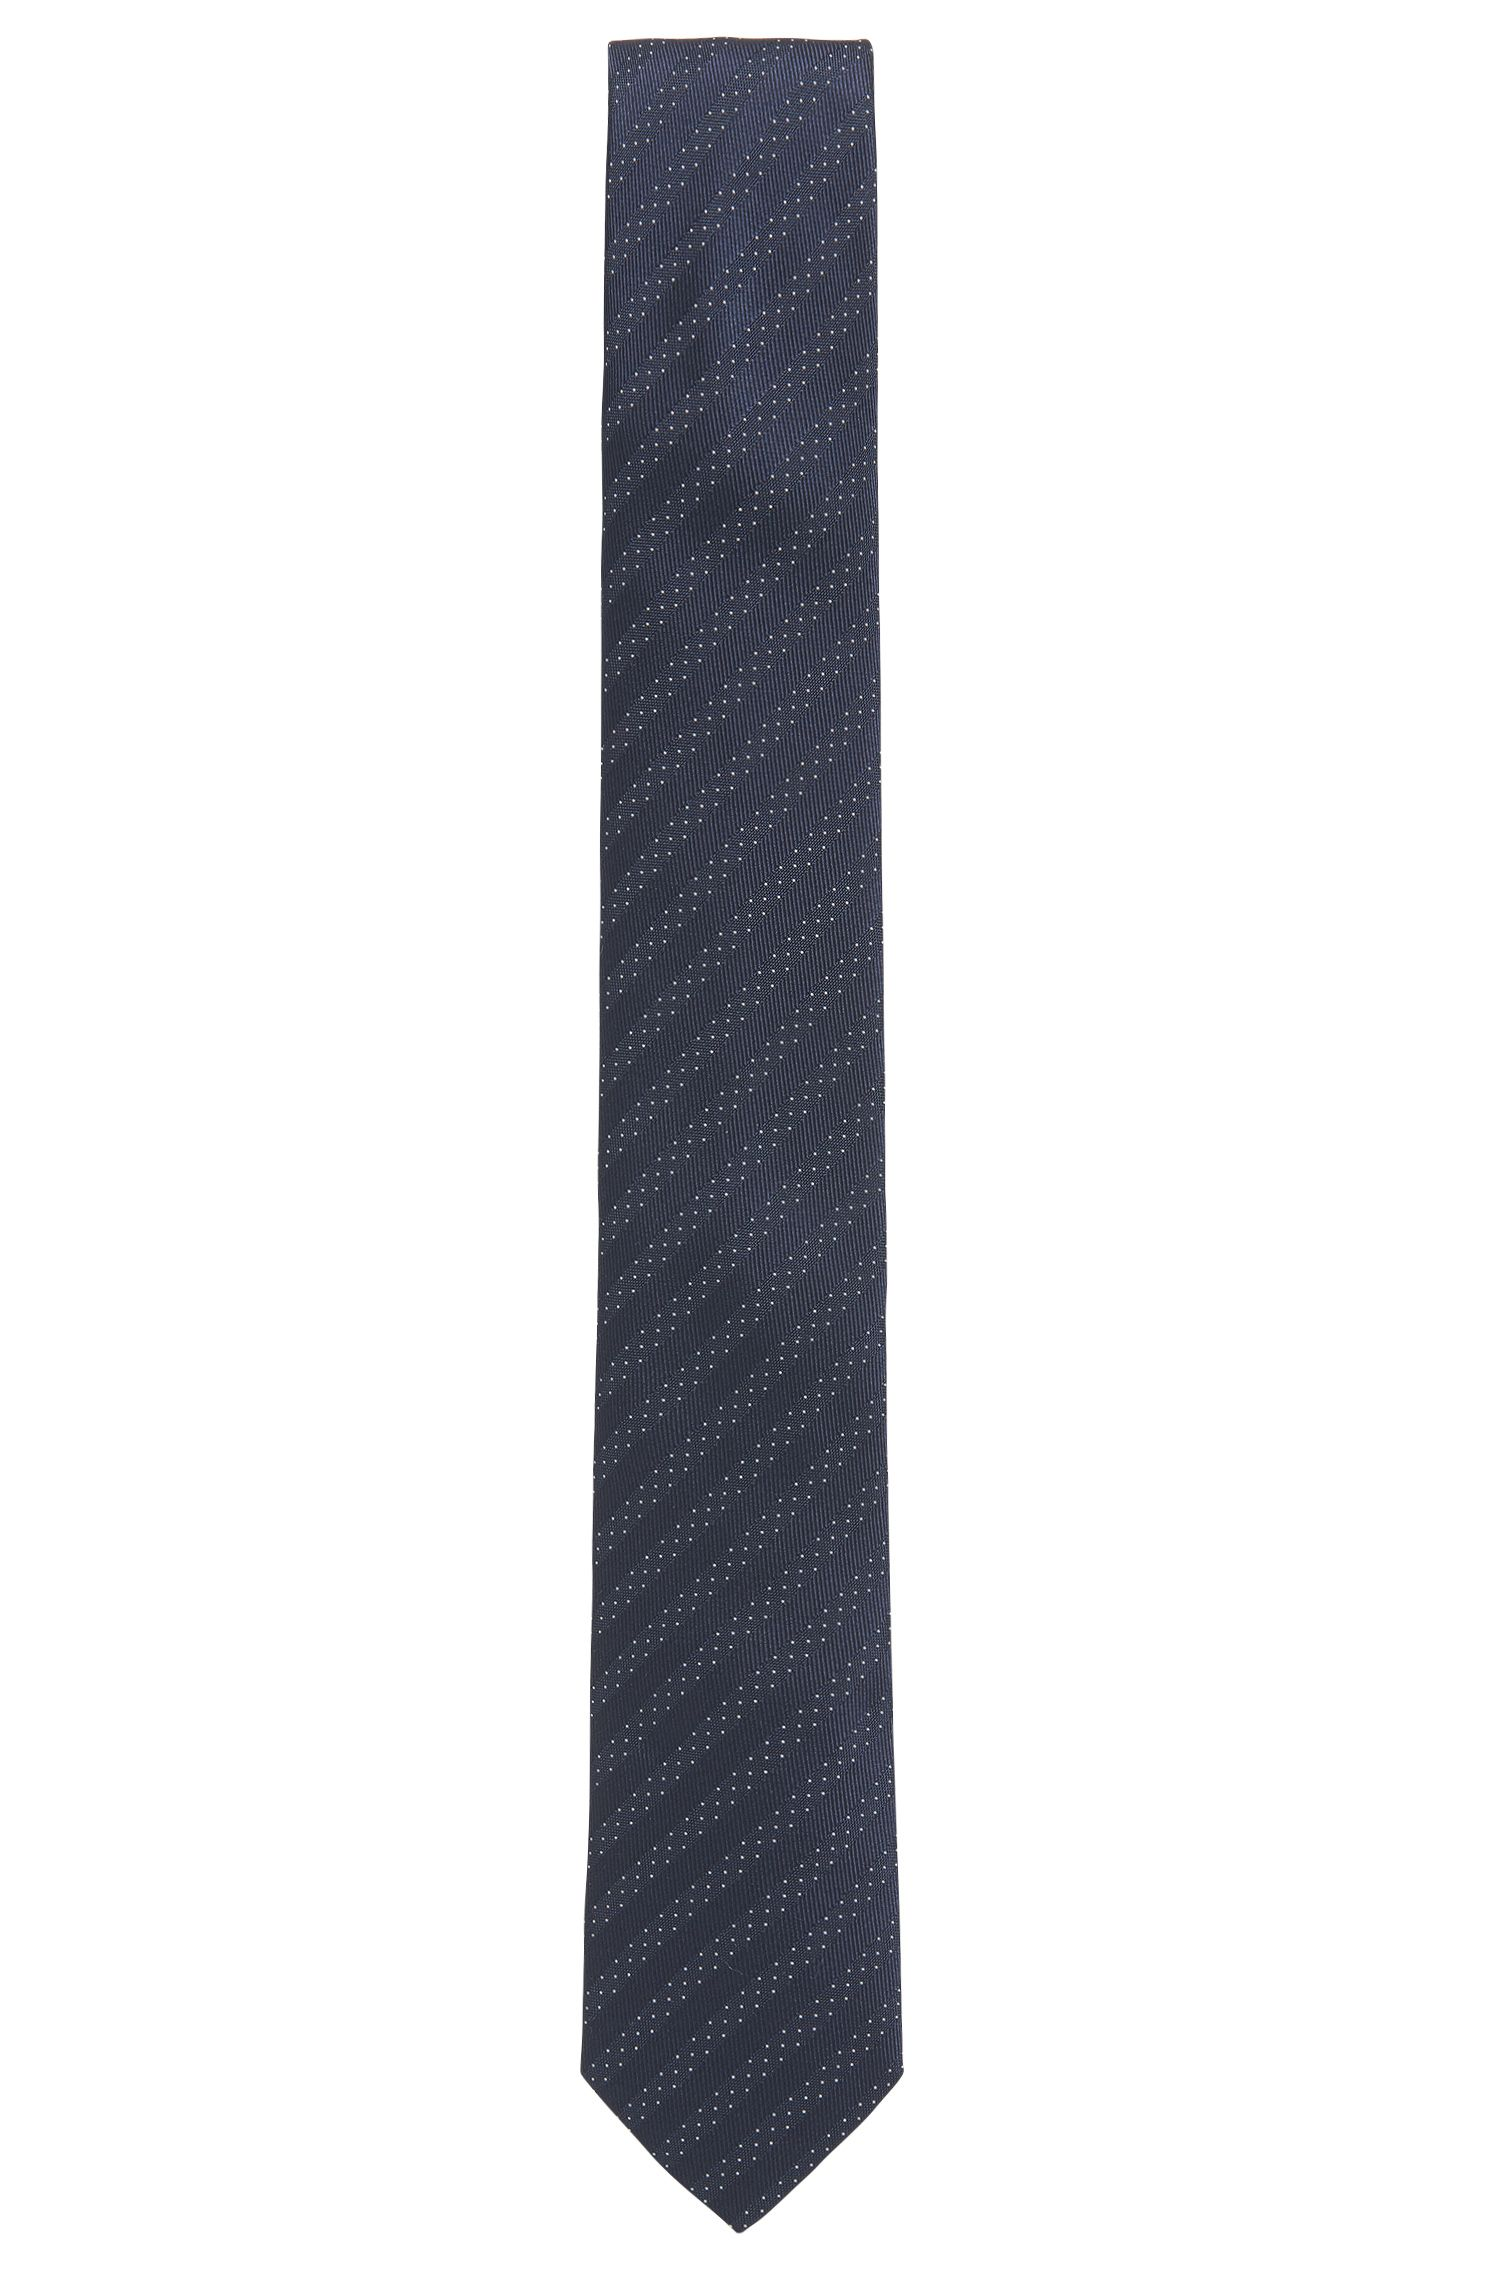 Cravatta jacquard in seta con microdisegni a contrasto